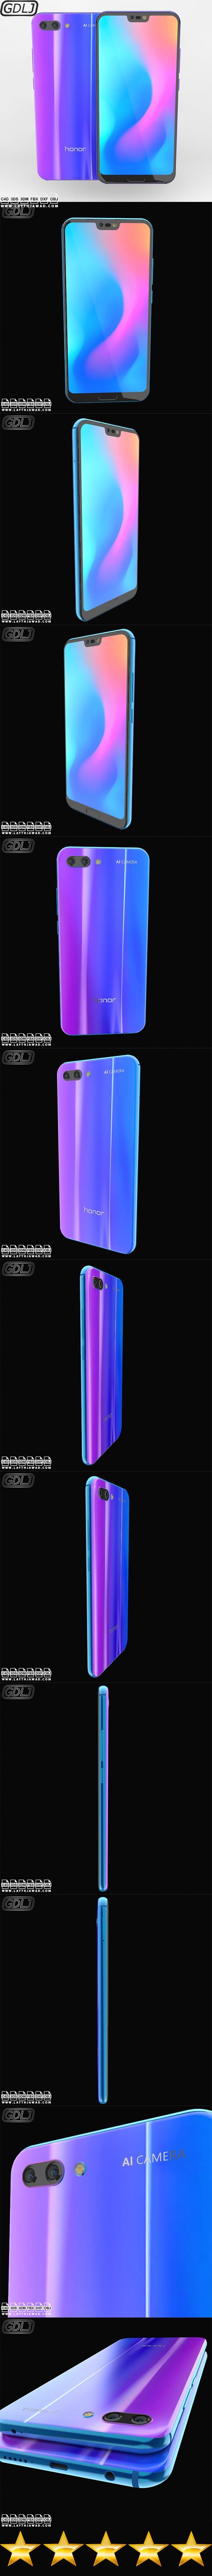 Huawei Honor 10 - 3DOcean Item for Sale